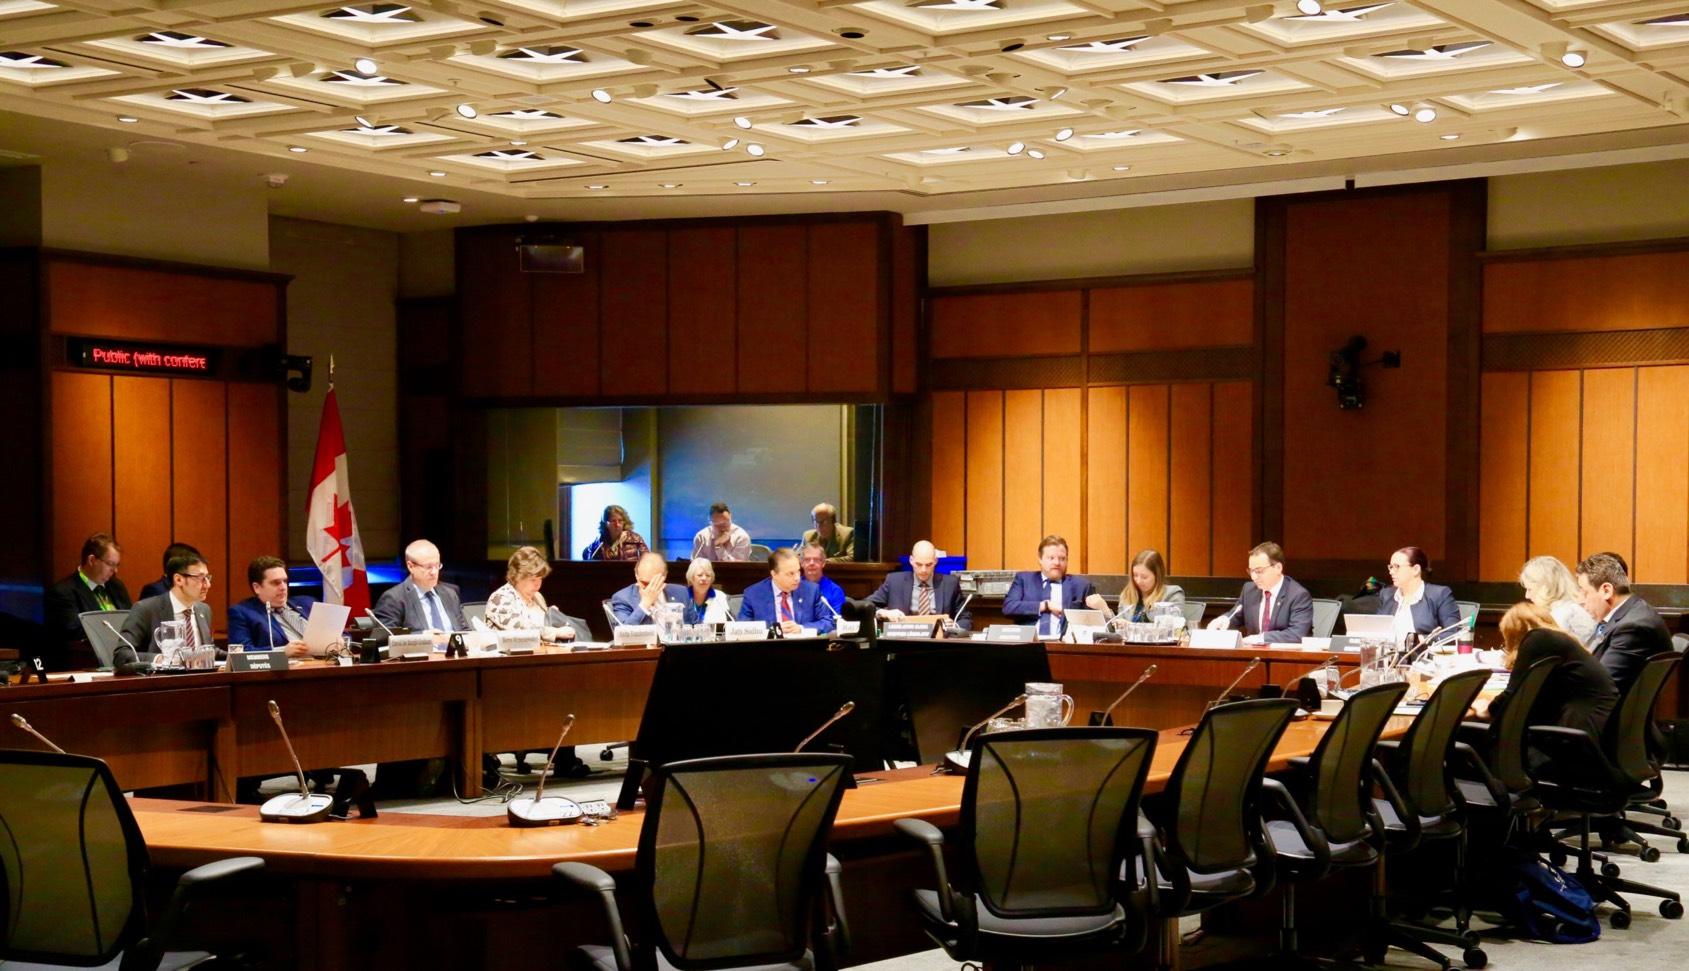 制止強摘器官立法 加國會委員會全體通過